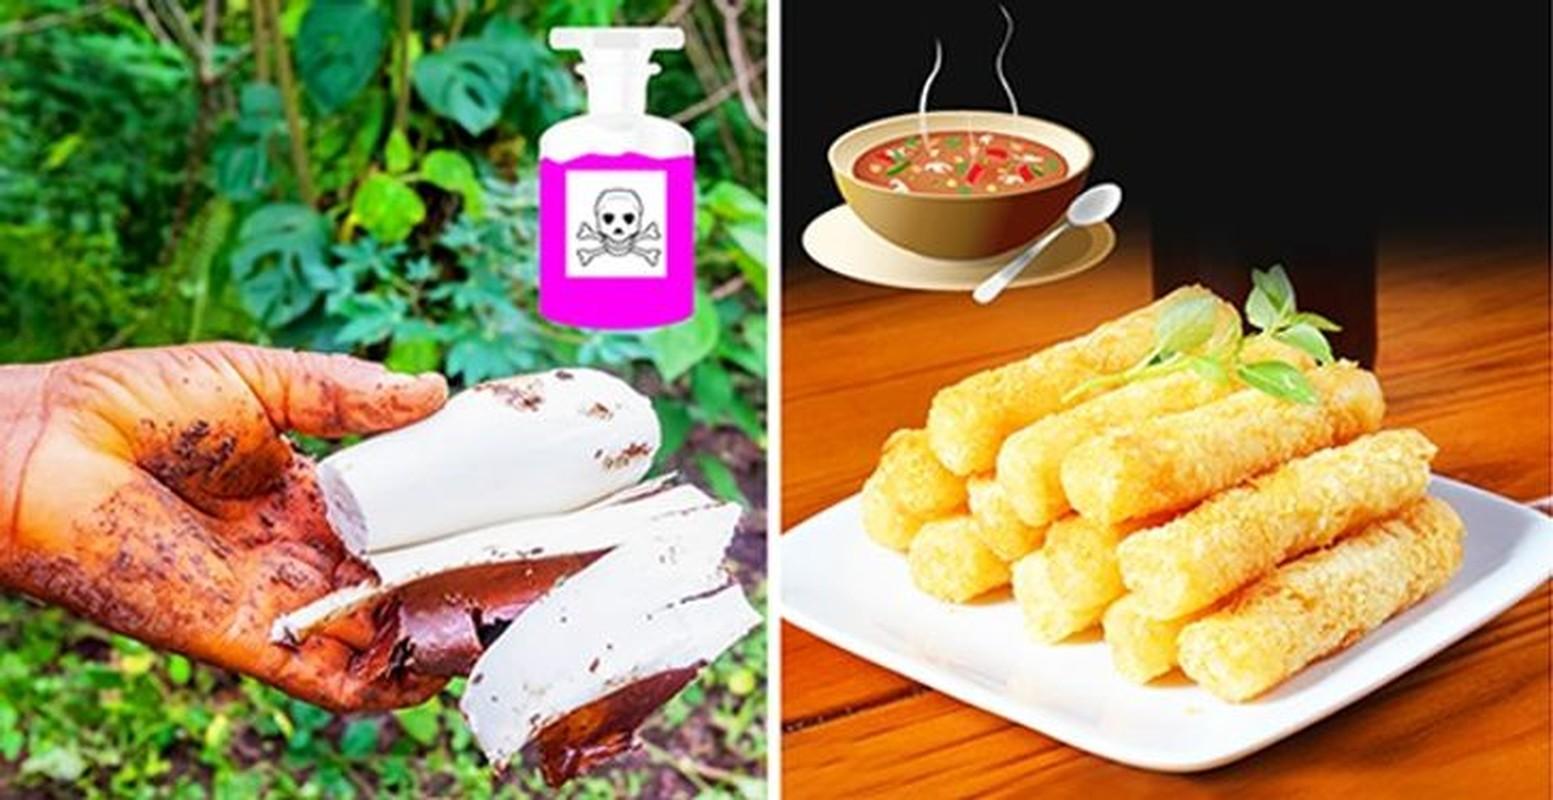 Diem danh 10 loai thuc pham chua doc to co the lam hai ban